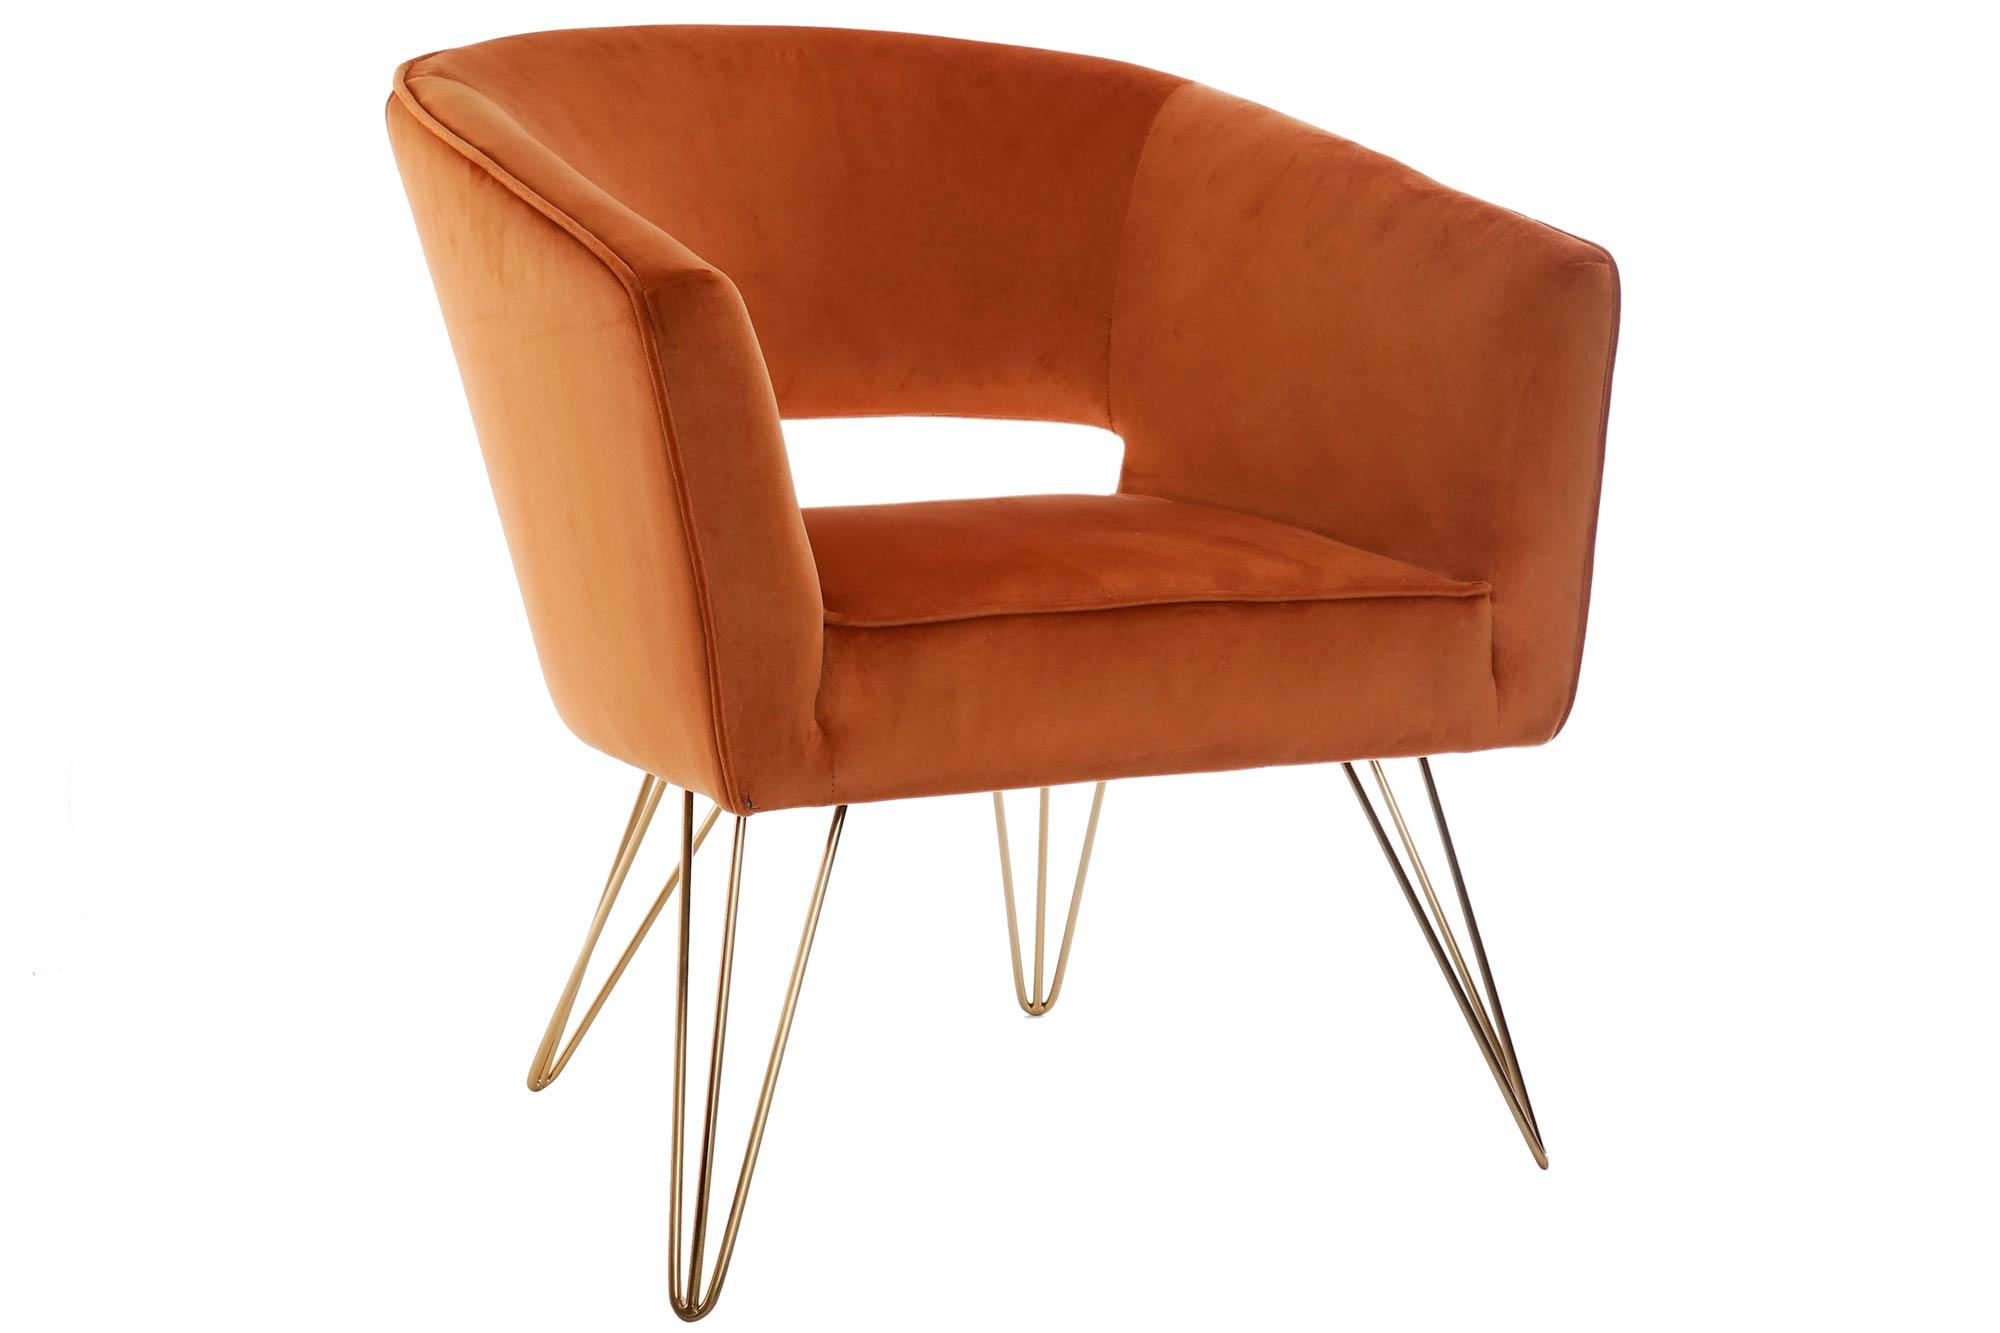 Fotelja orange 65x70x74